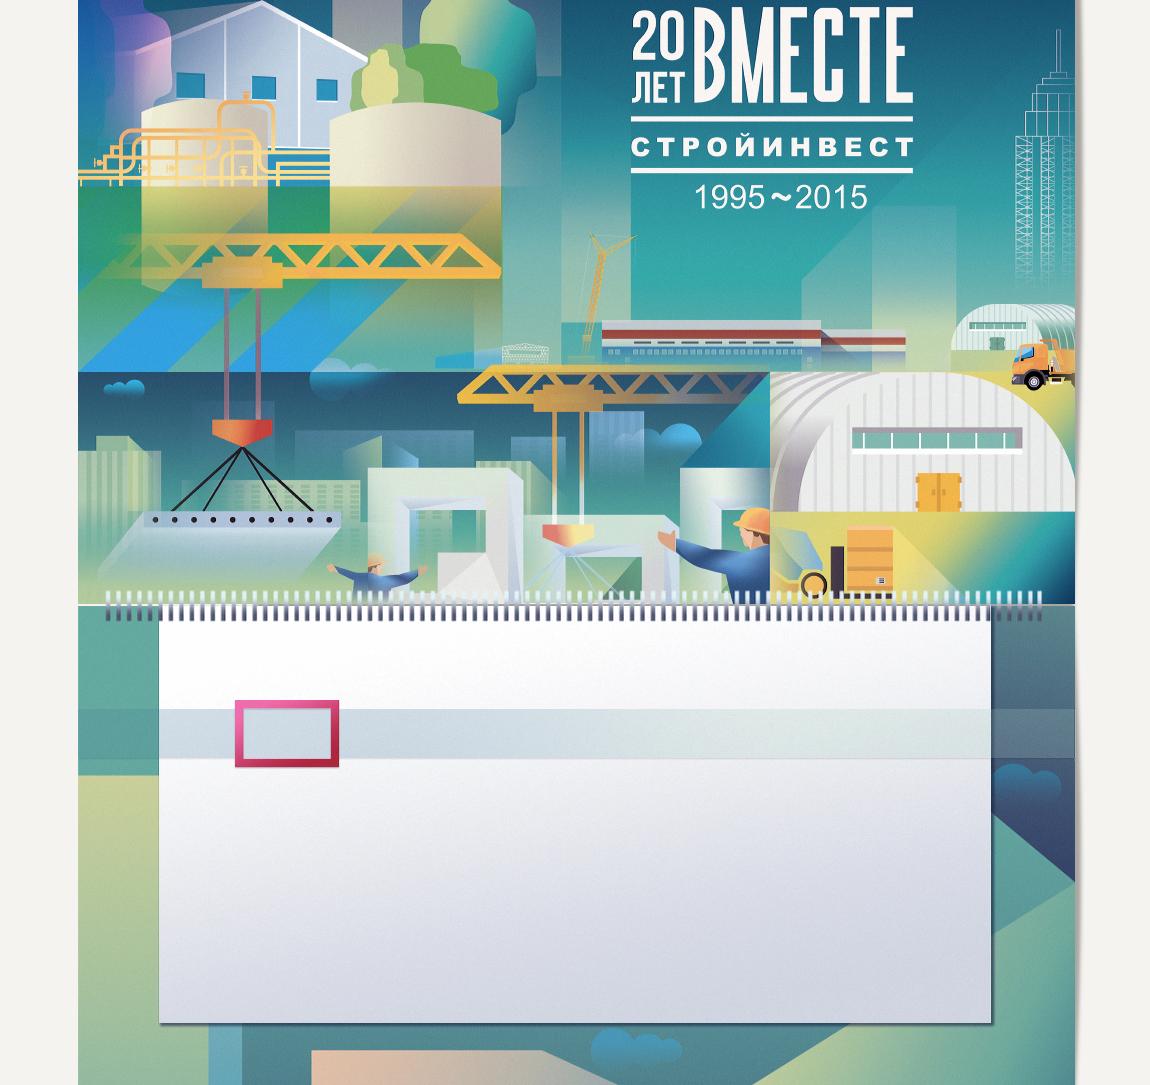 юбилейный календарь для строительной компании